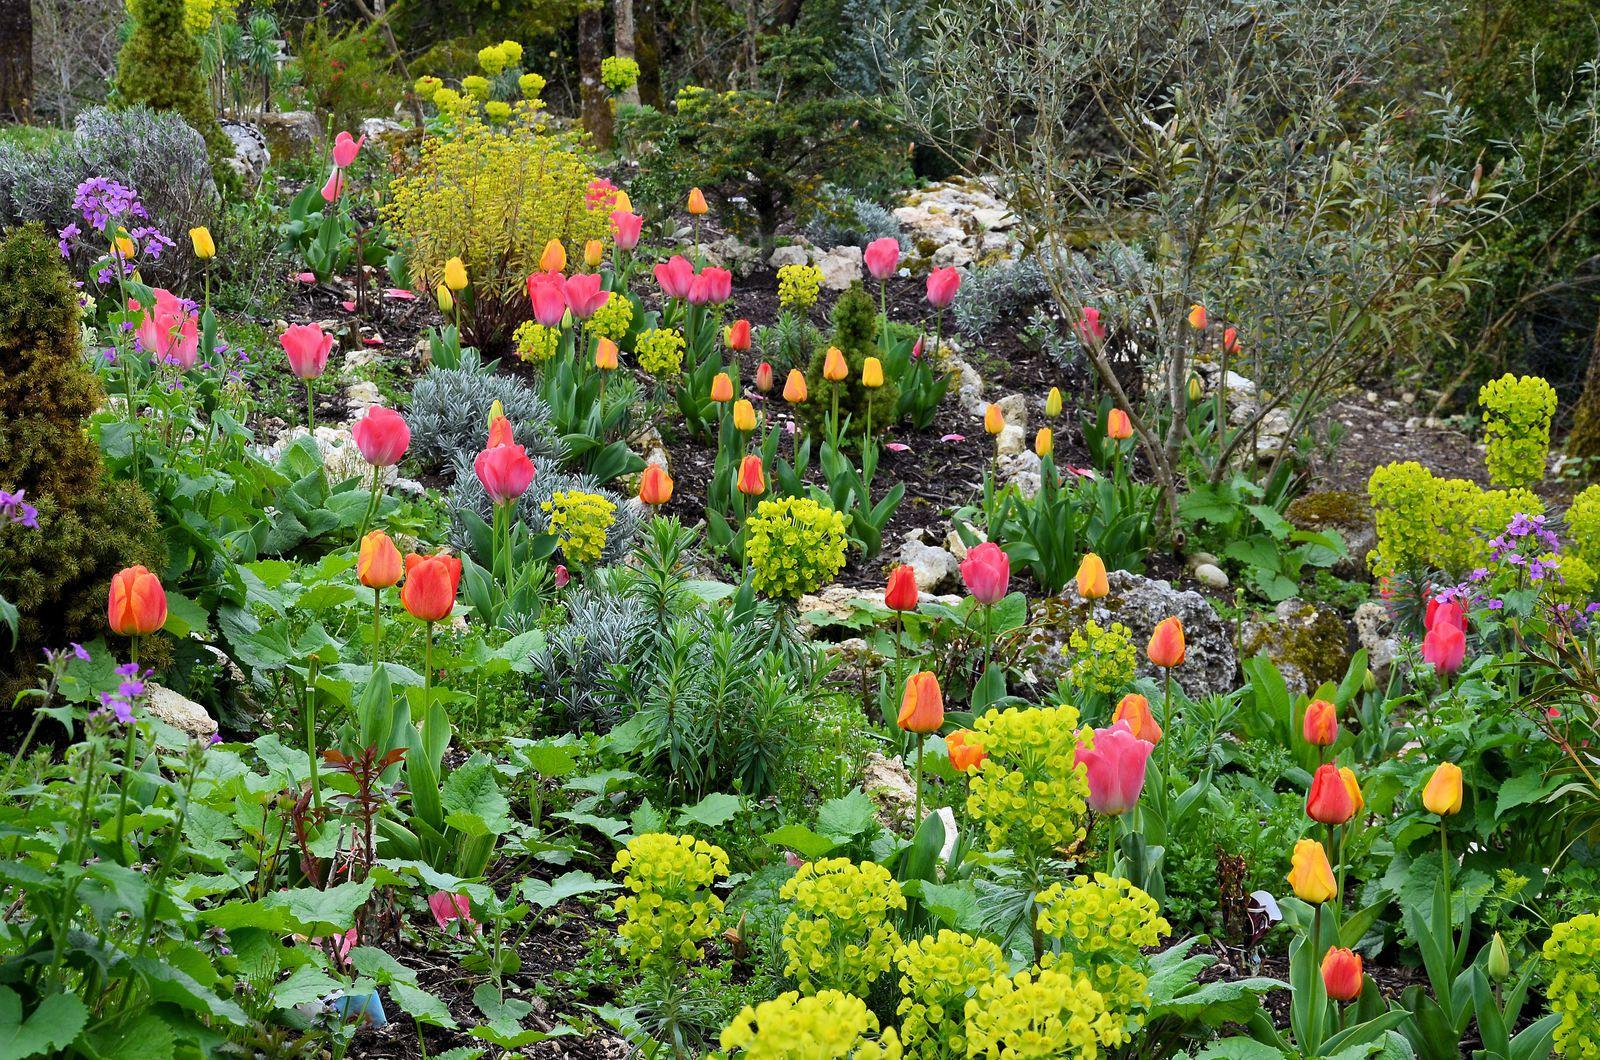 Une ruche dans le jardin - fleurs de printemps